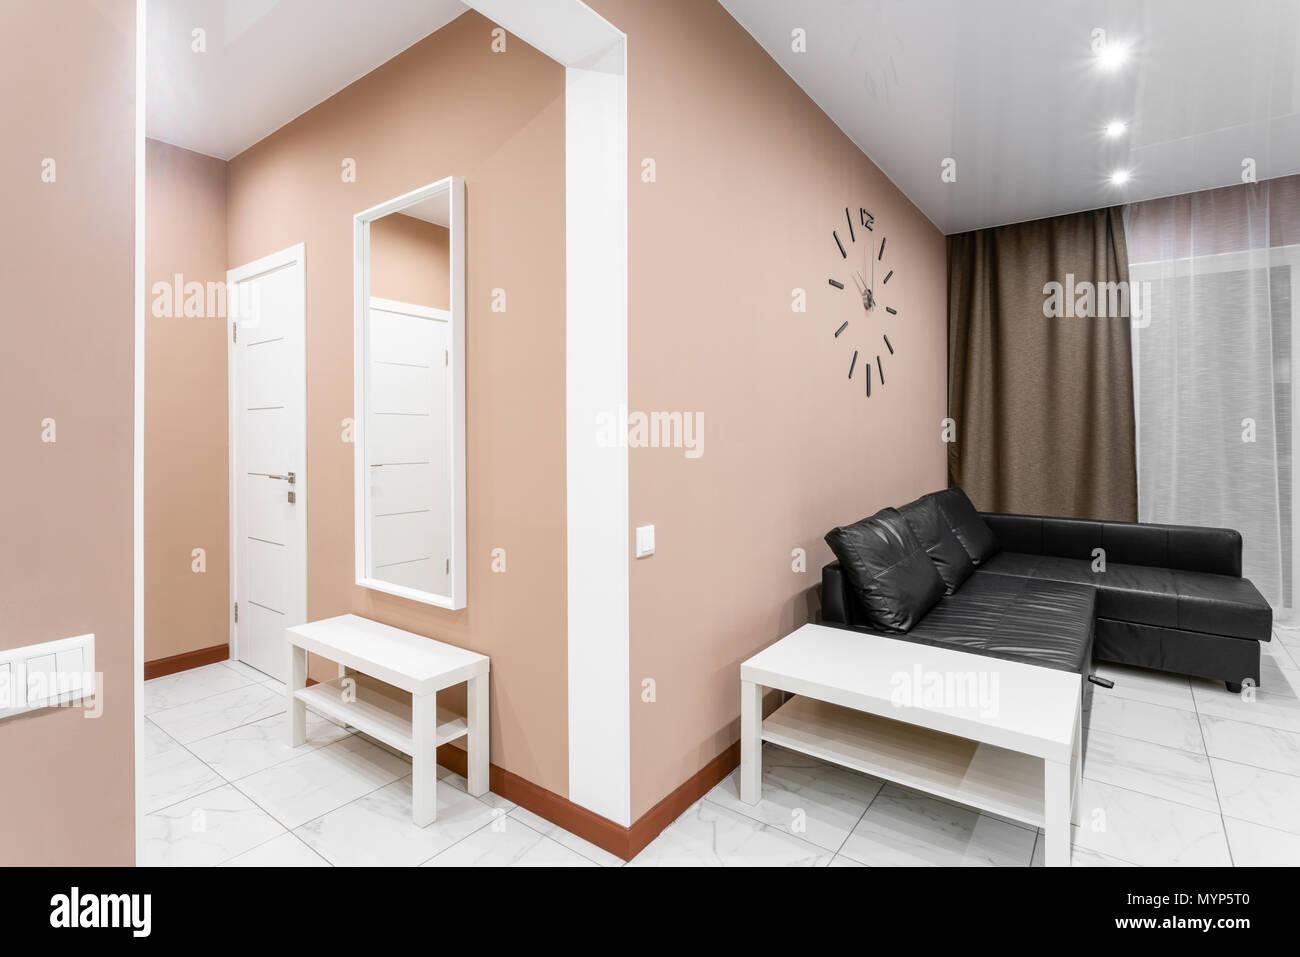 Modern interior in minimalism style